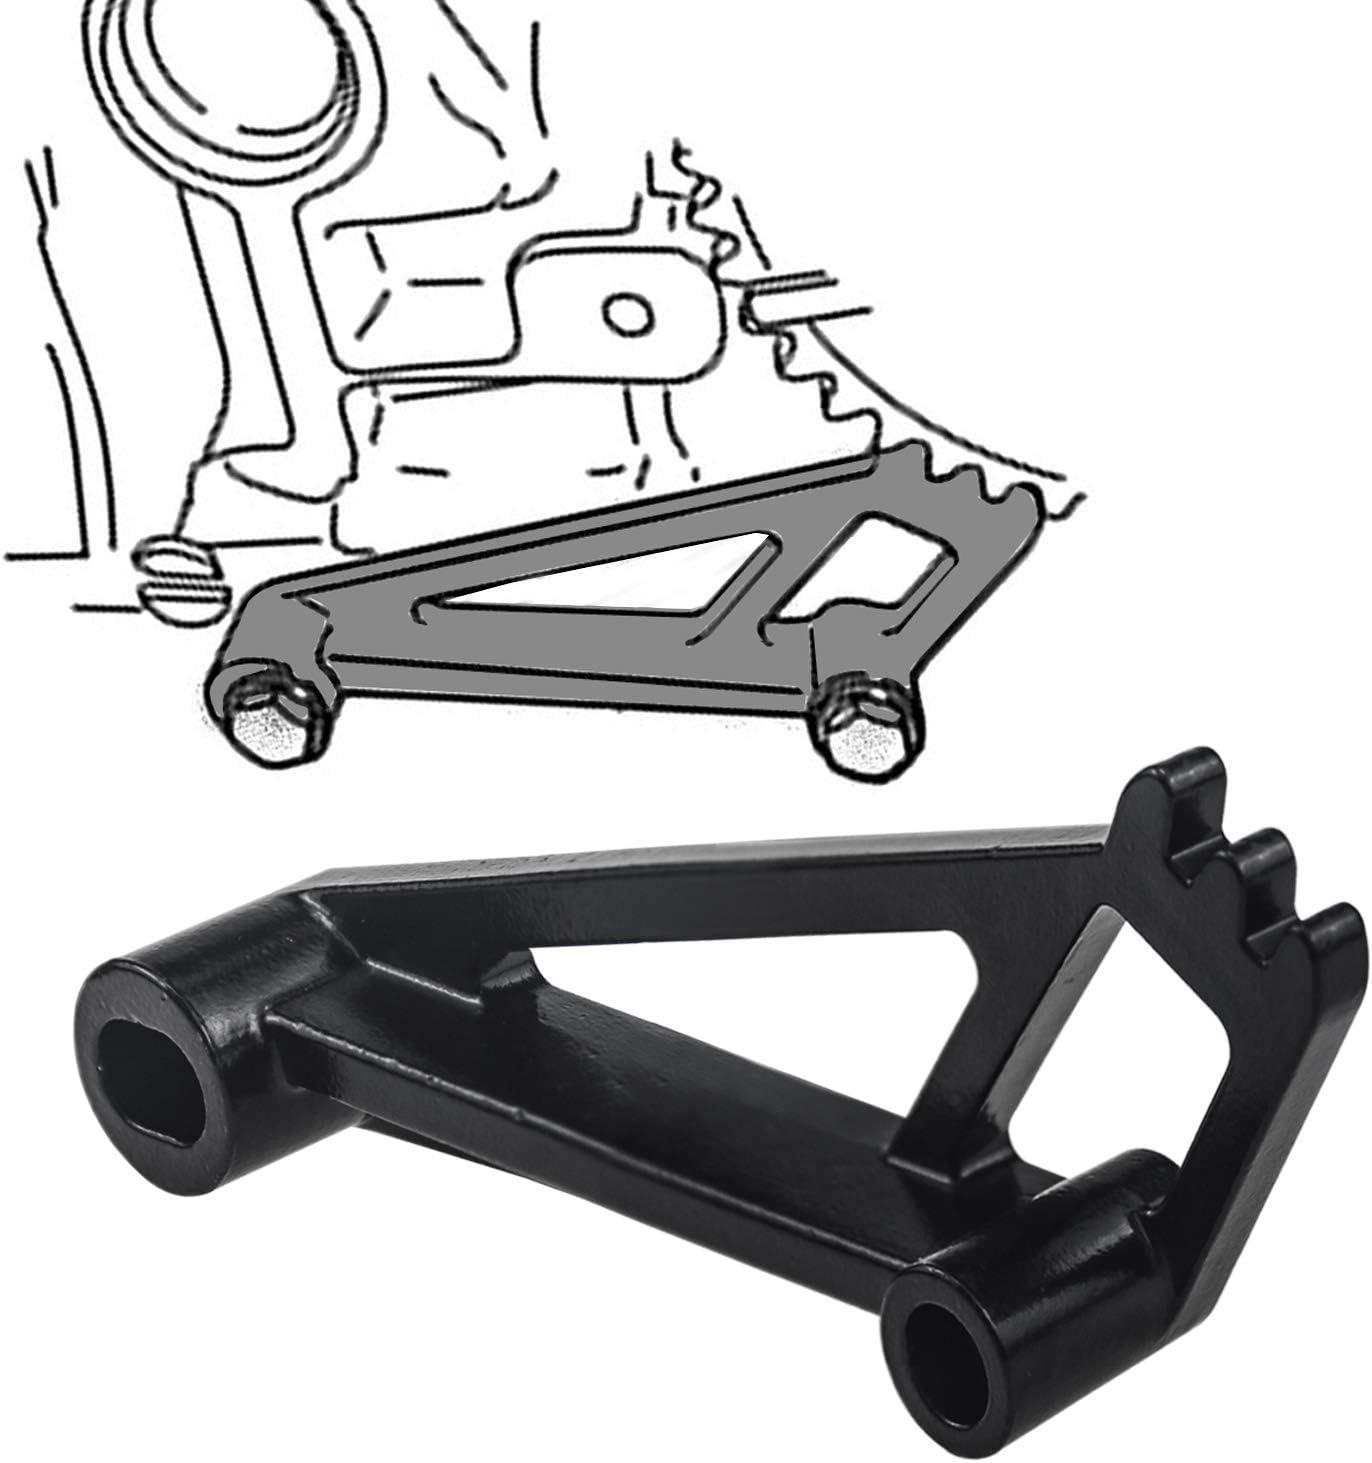 2pcs Lock Out Kit Sporthfish Cam Phaser Lock Out Kit Noise Repair Kit for Ford 4.6L 3V V8 2005-2010 Mustang,2006-2010 Explorer 5.4L 3V V8 2005-2010 Expedition,2005-2012 Lincoln Navigator 3 Valve